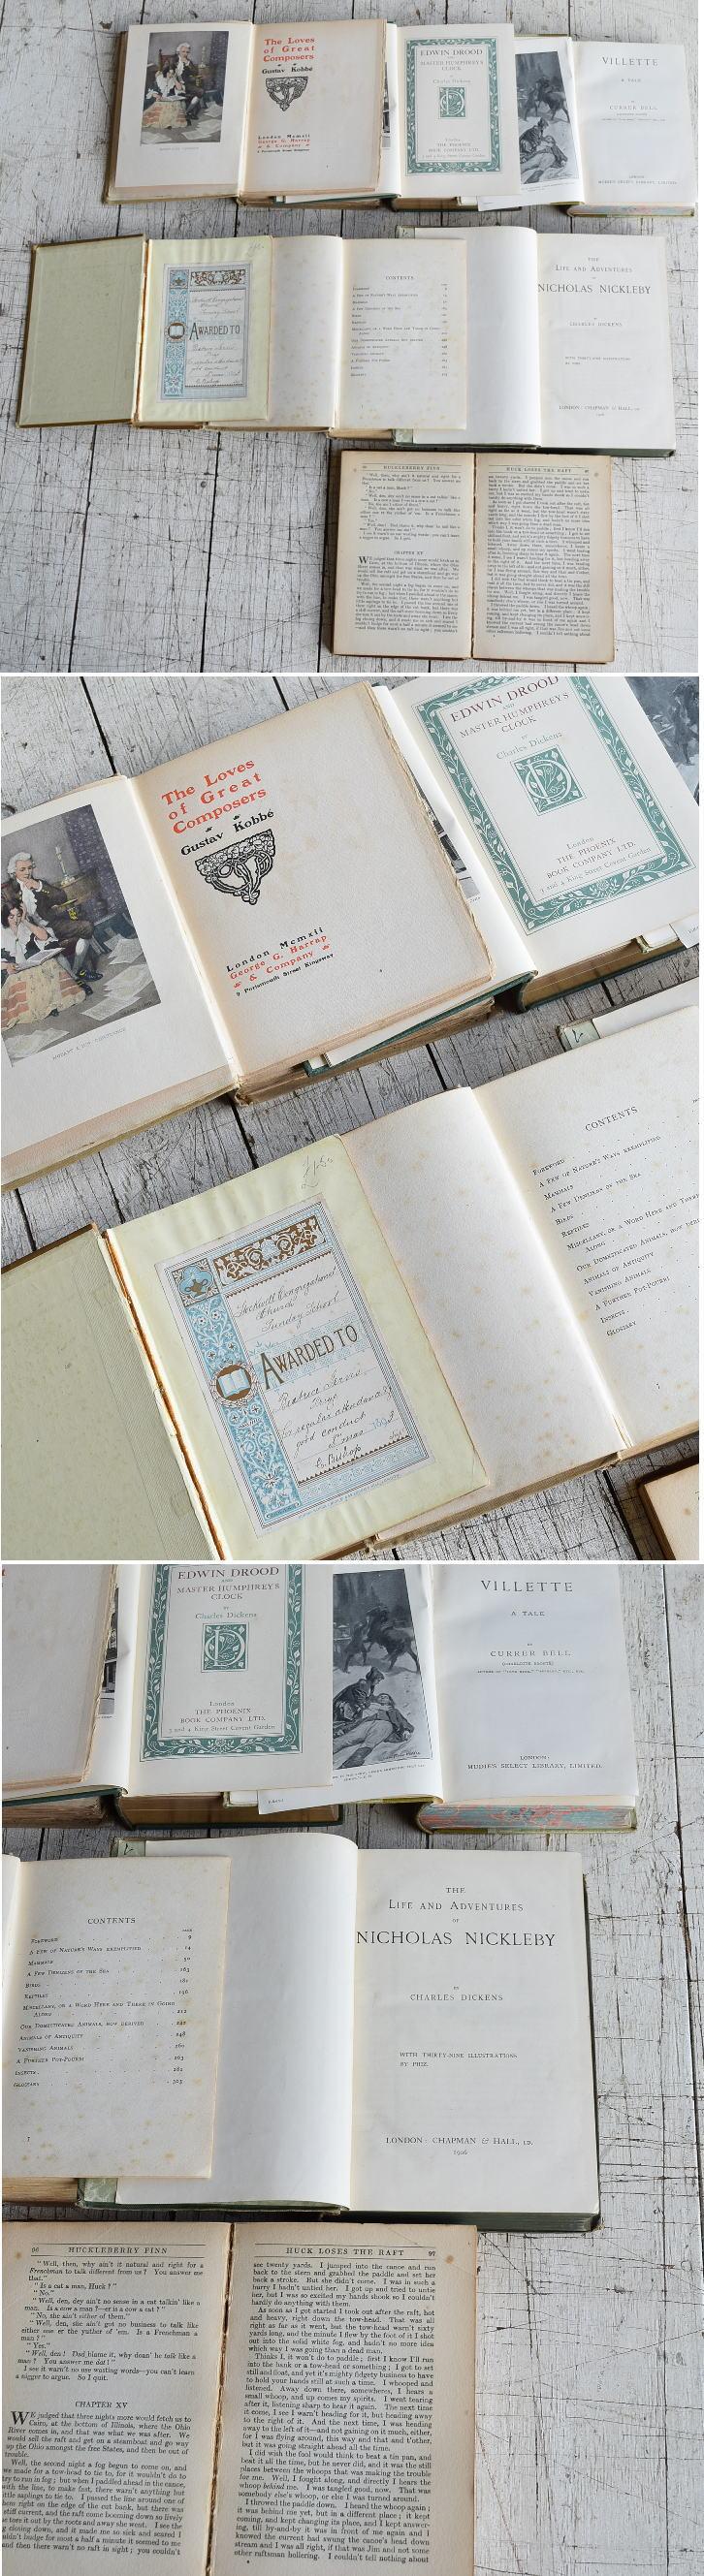 イギリス アンティーク ブック 本 洋書 7冊セット ディスプレイ 8275